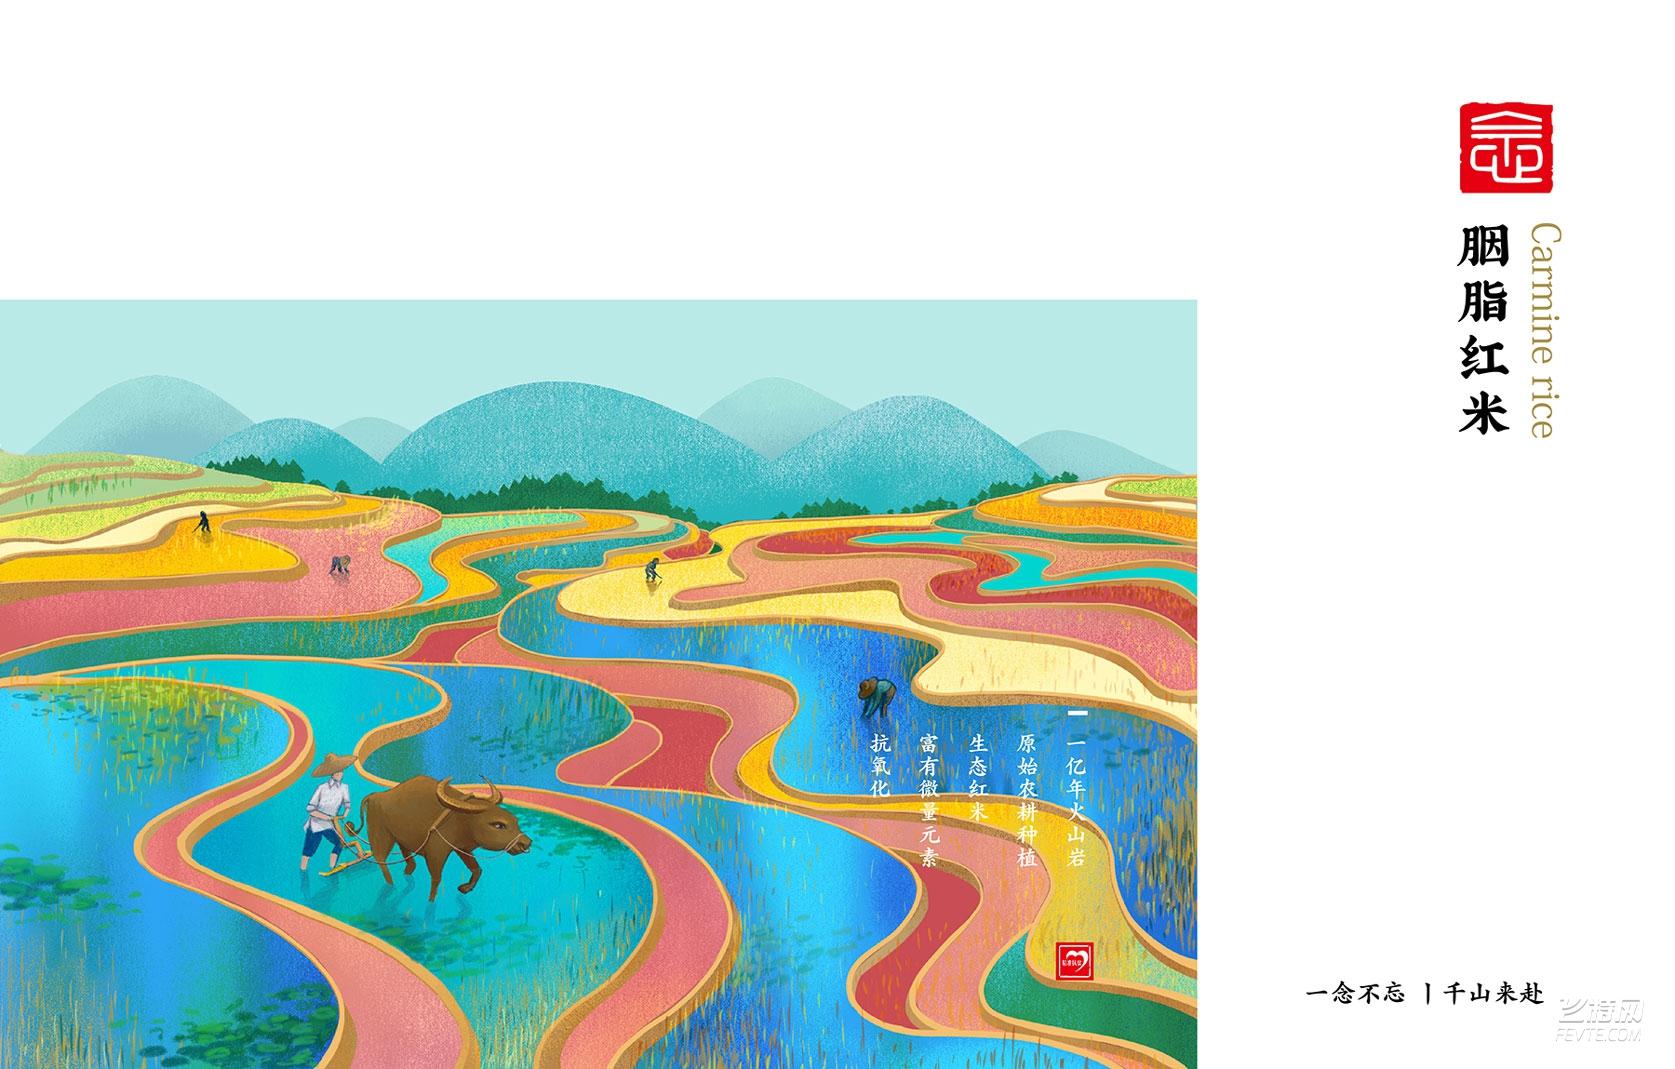 德信念山农场-生态米(图3)